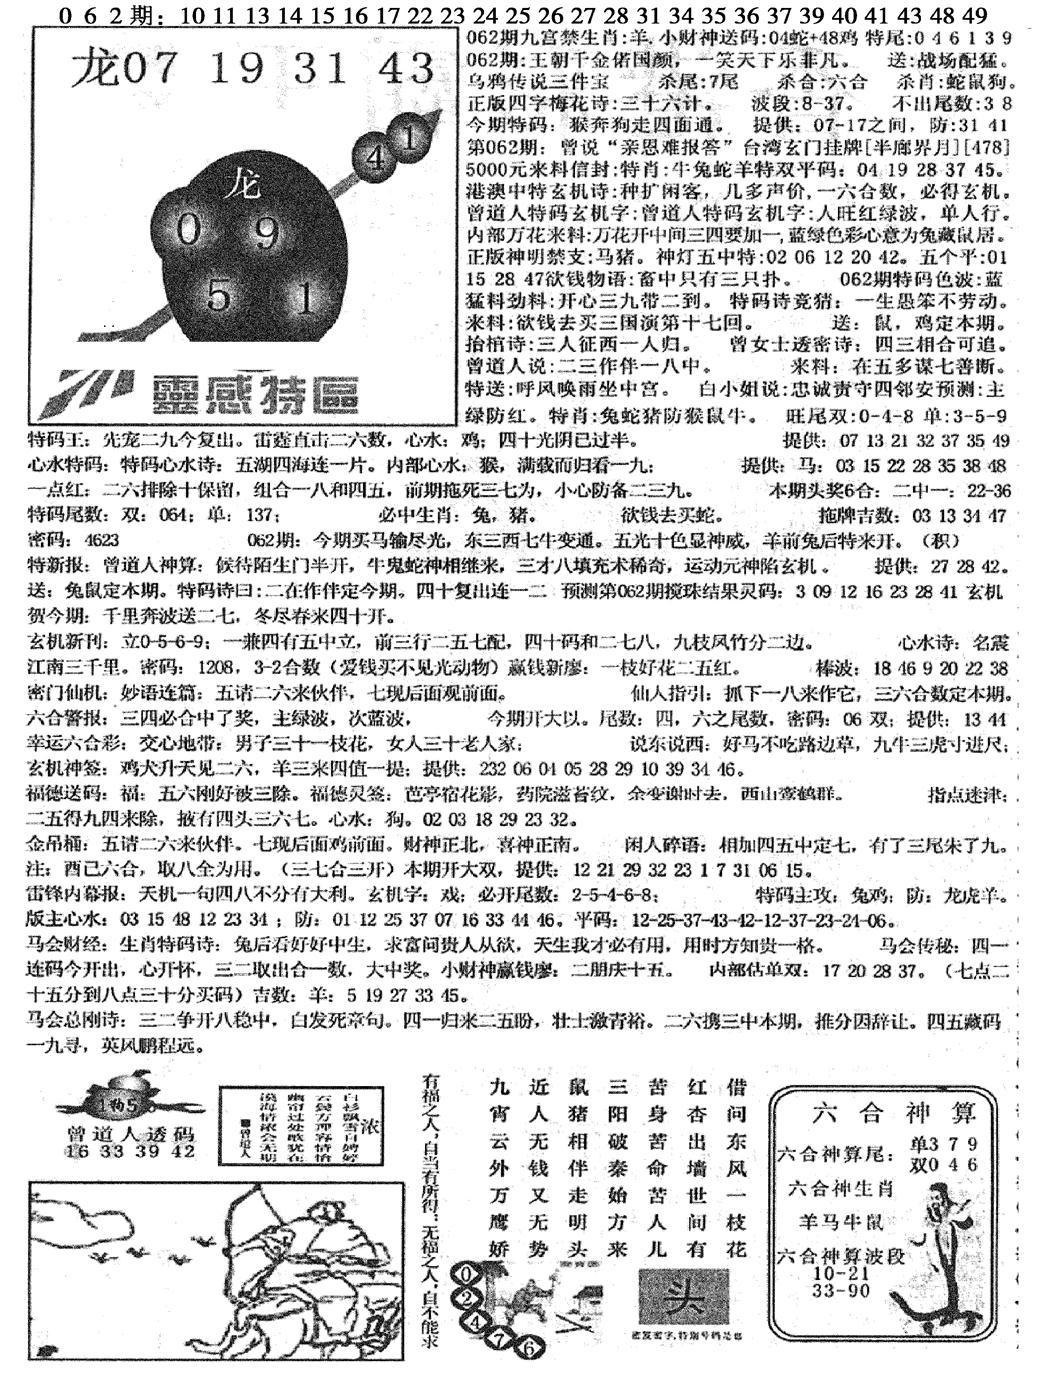 062期平西版彩霸王B(黑白)